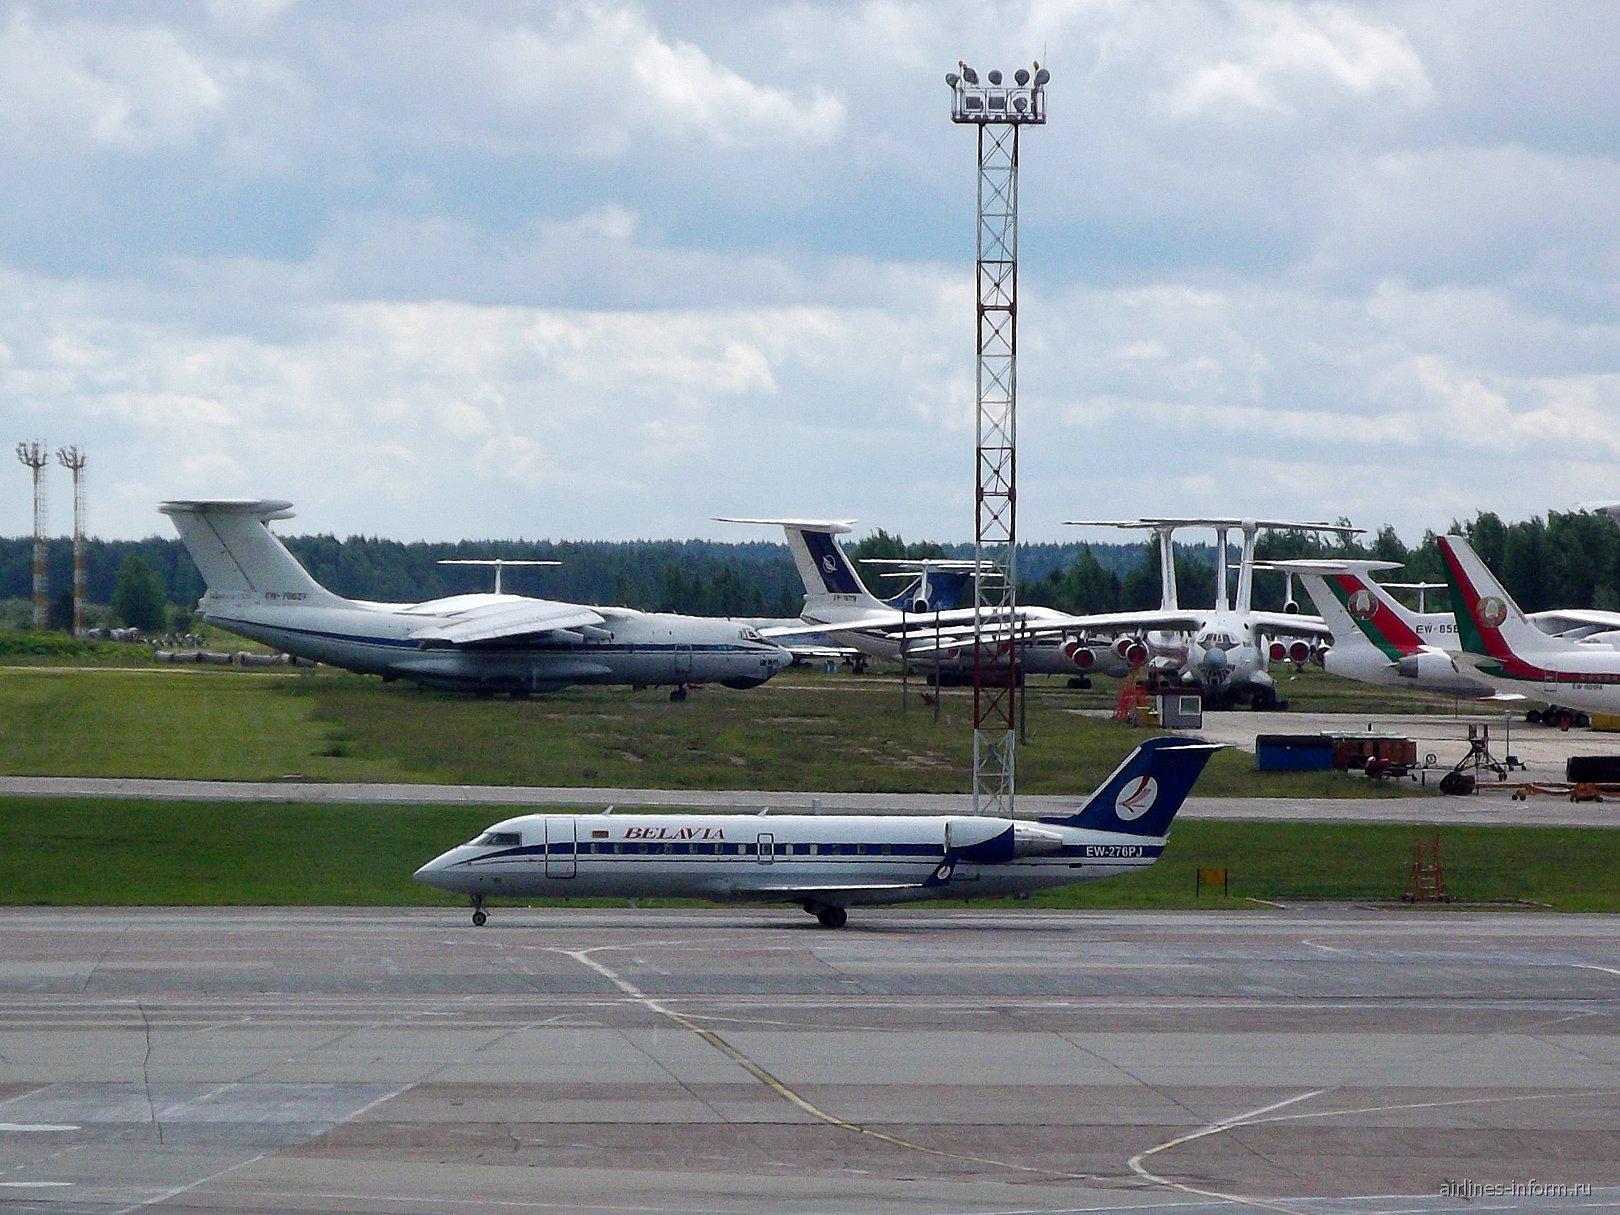 Аэропорт Минск Национальный